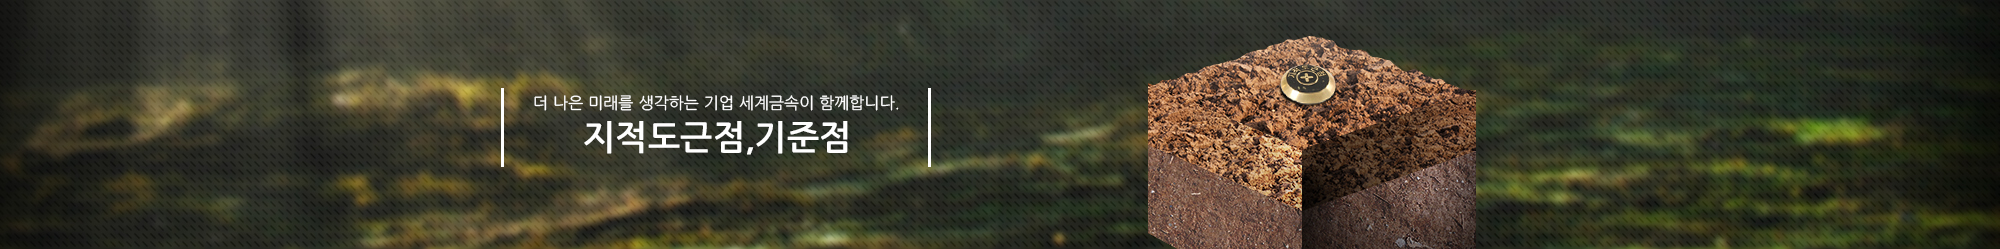 최고의 품질을 자부하는 세계금속